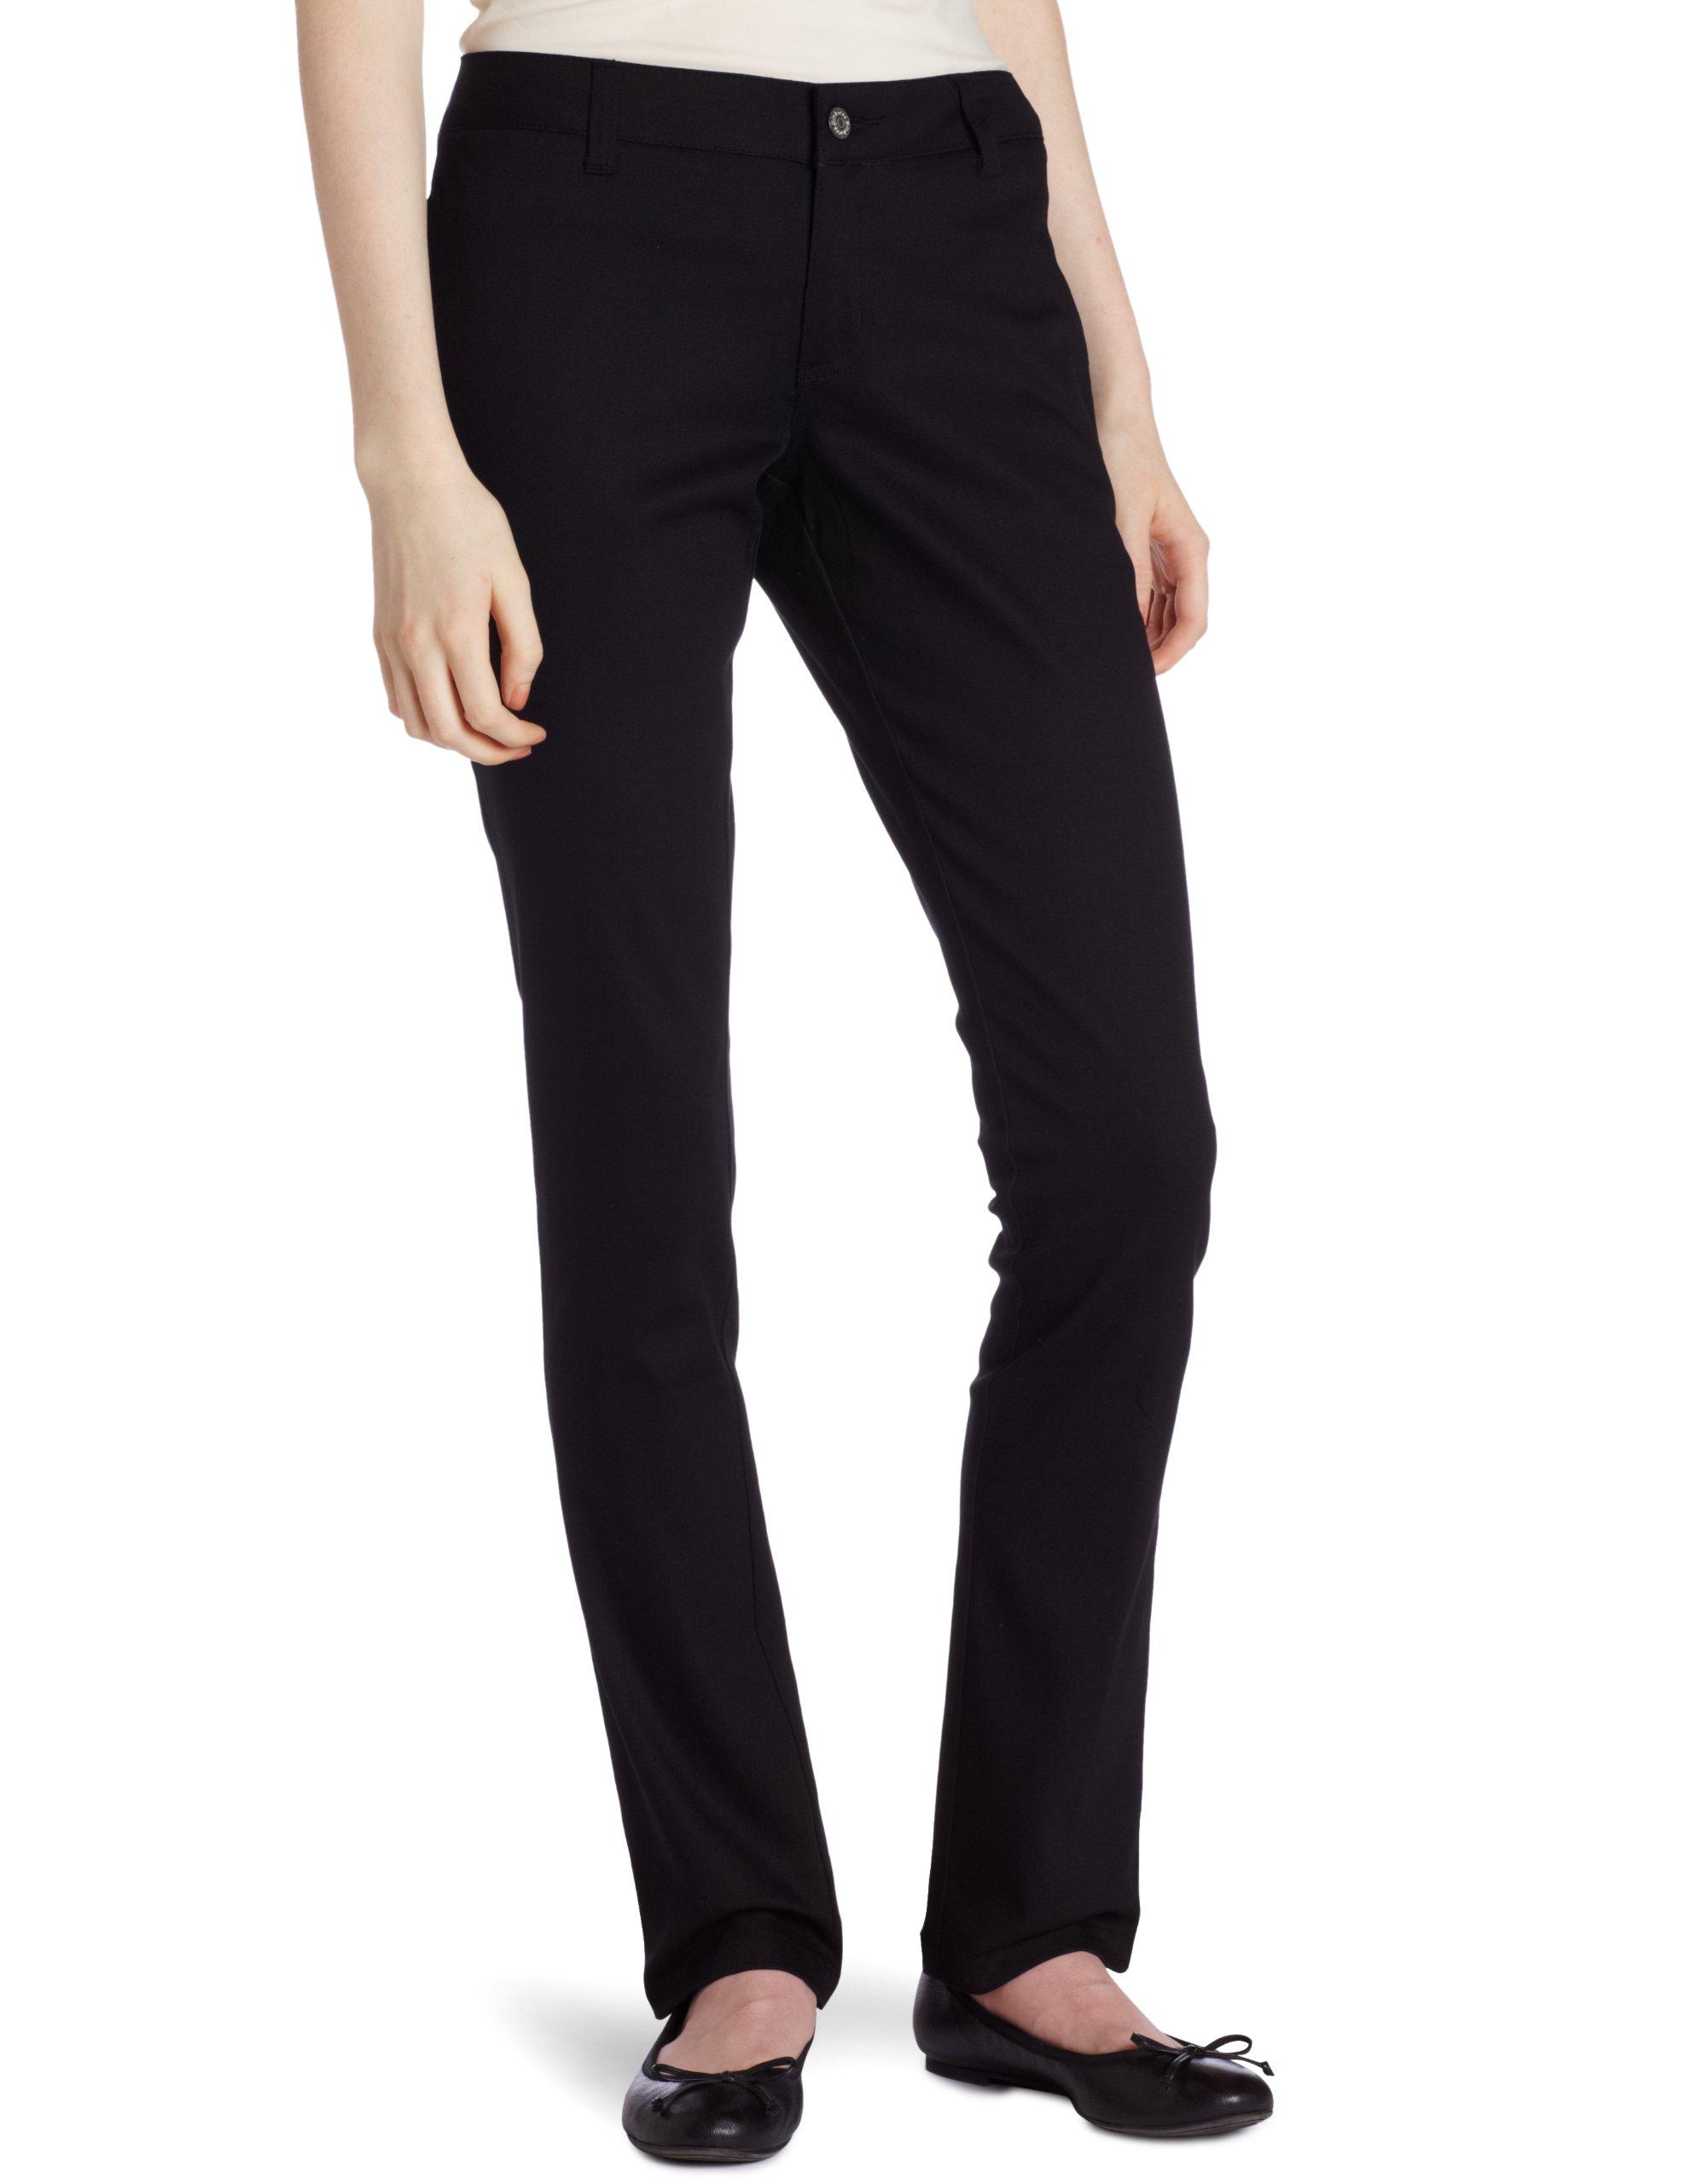 Dickies Girl Junior's Original 4 Pocket Skinny Leg Pant, Black, 11 by Dickies Girl